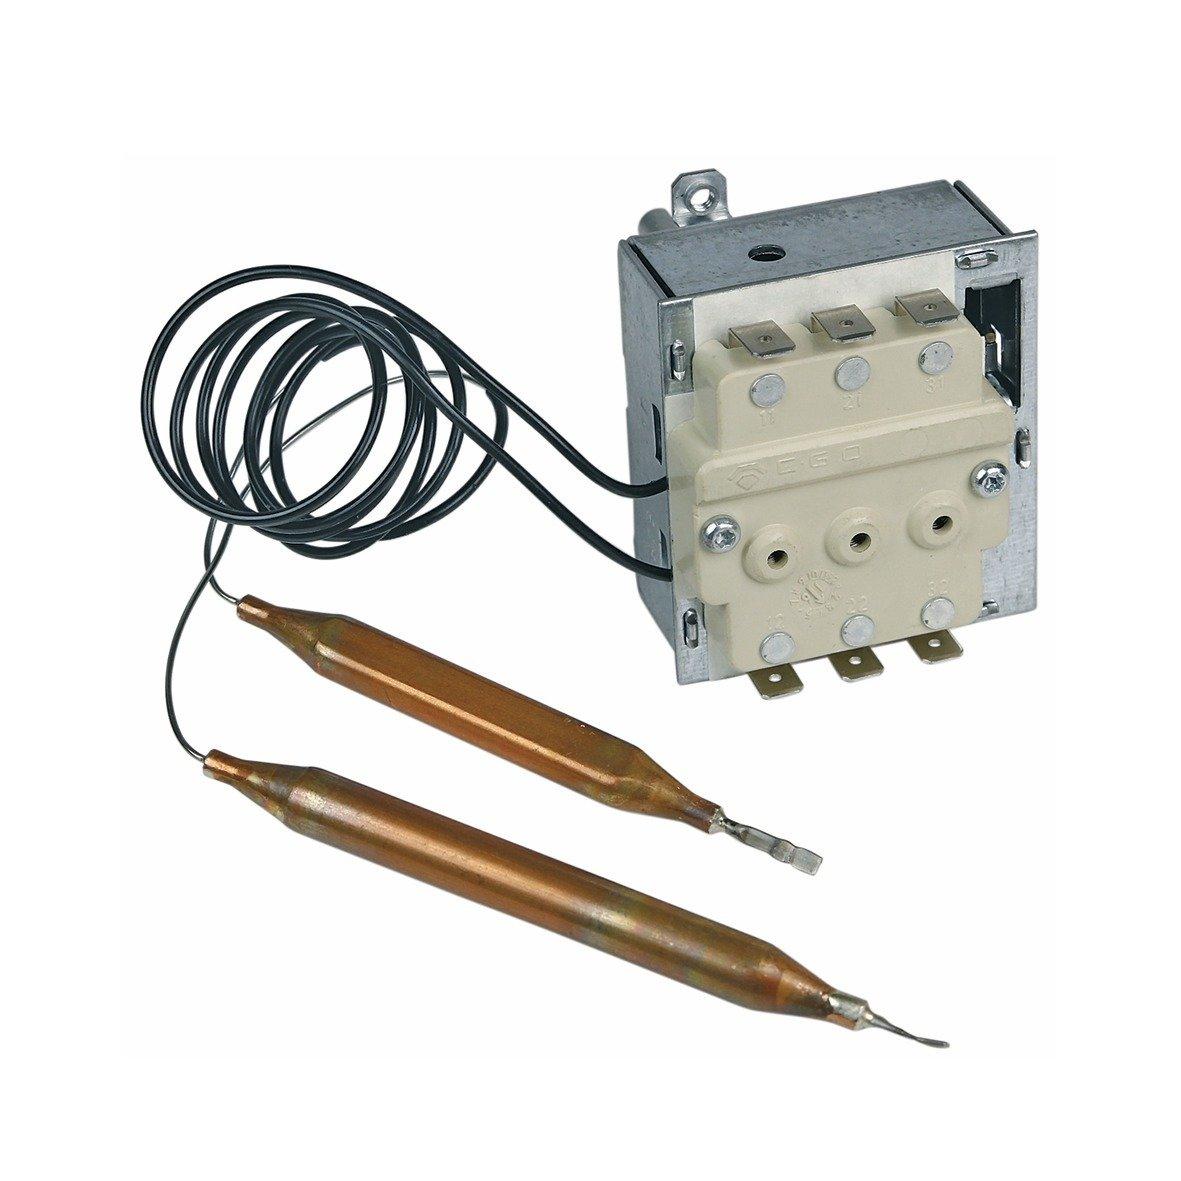 Thermostat Regler Temperaturf/ühler F/ühler Temperaturregler EGO 55.60019.380 Wasserspeicher passend wie AEG Zanker Stiebel Eltron 170925